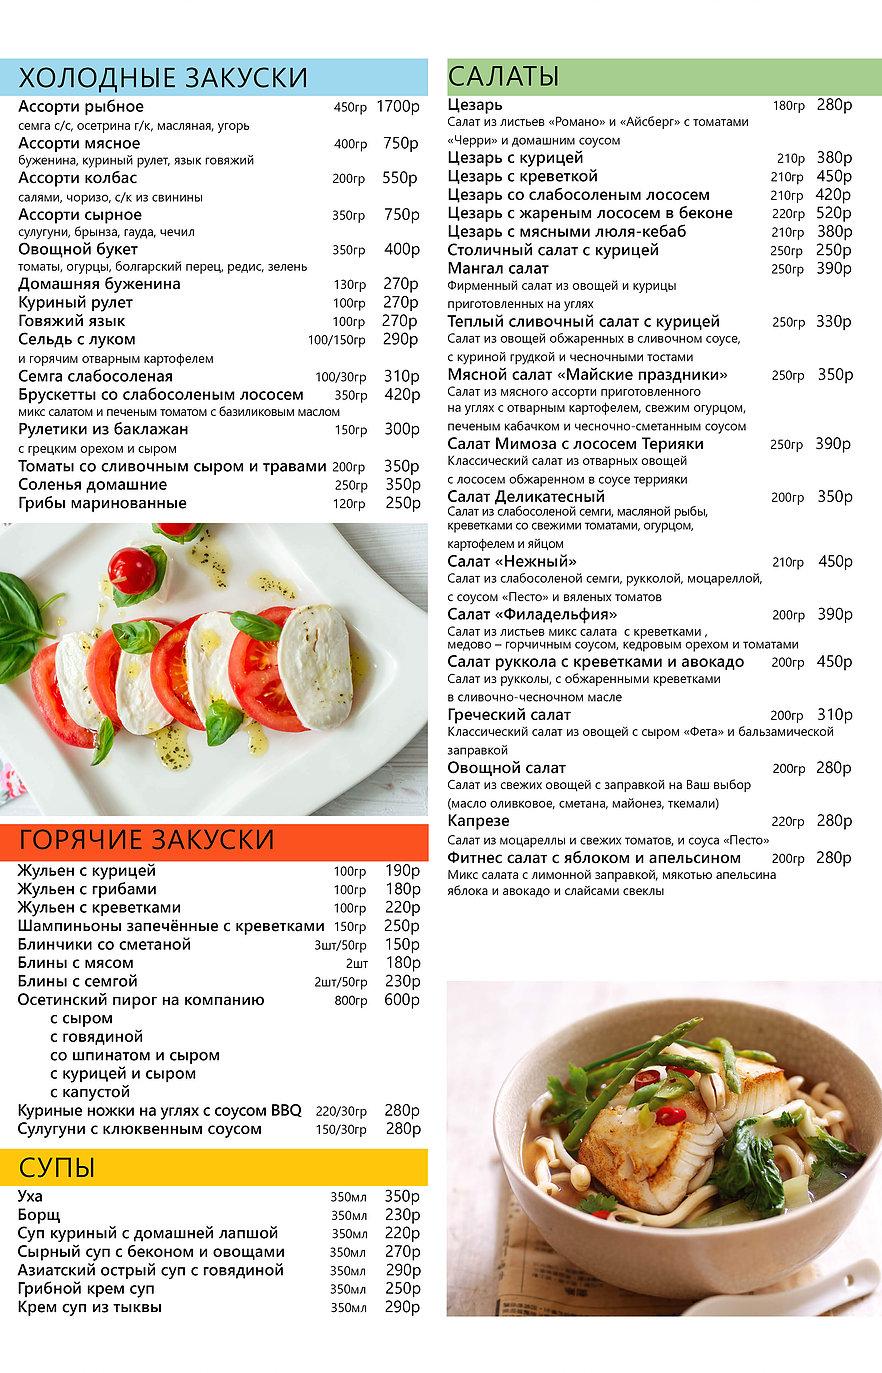 Закуски и салаты и рецепты